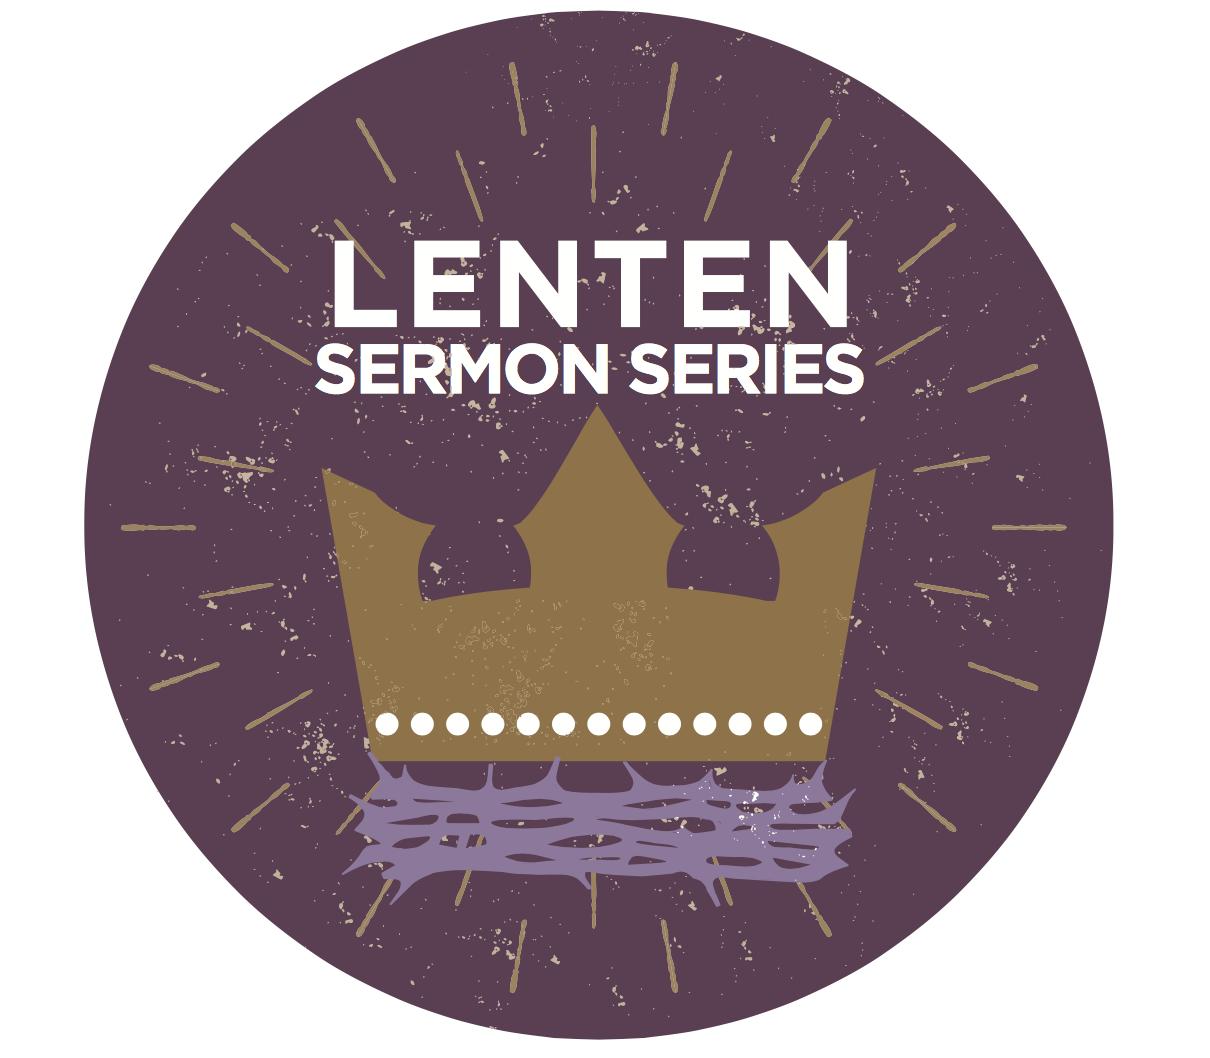 Pre-Lenten Workshop set for Jan. 15, 2016